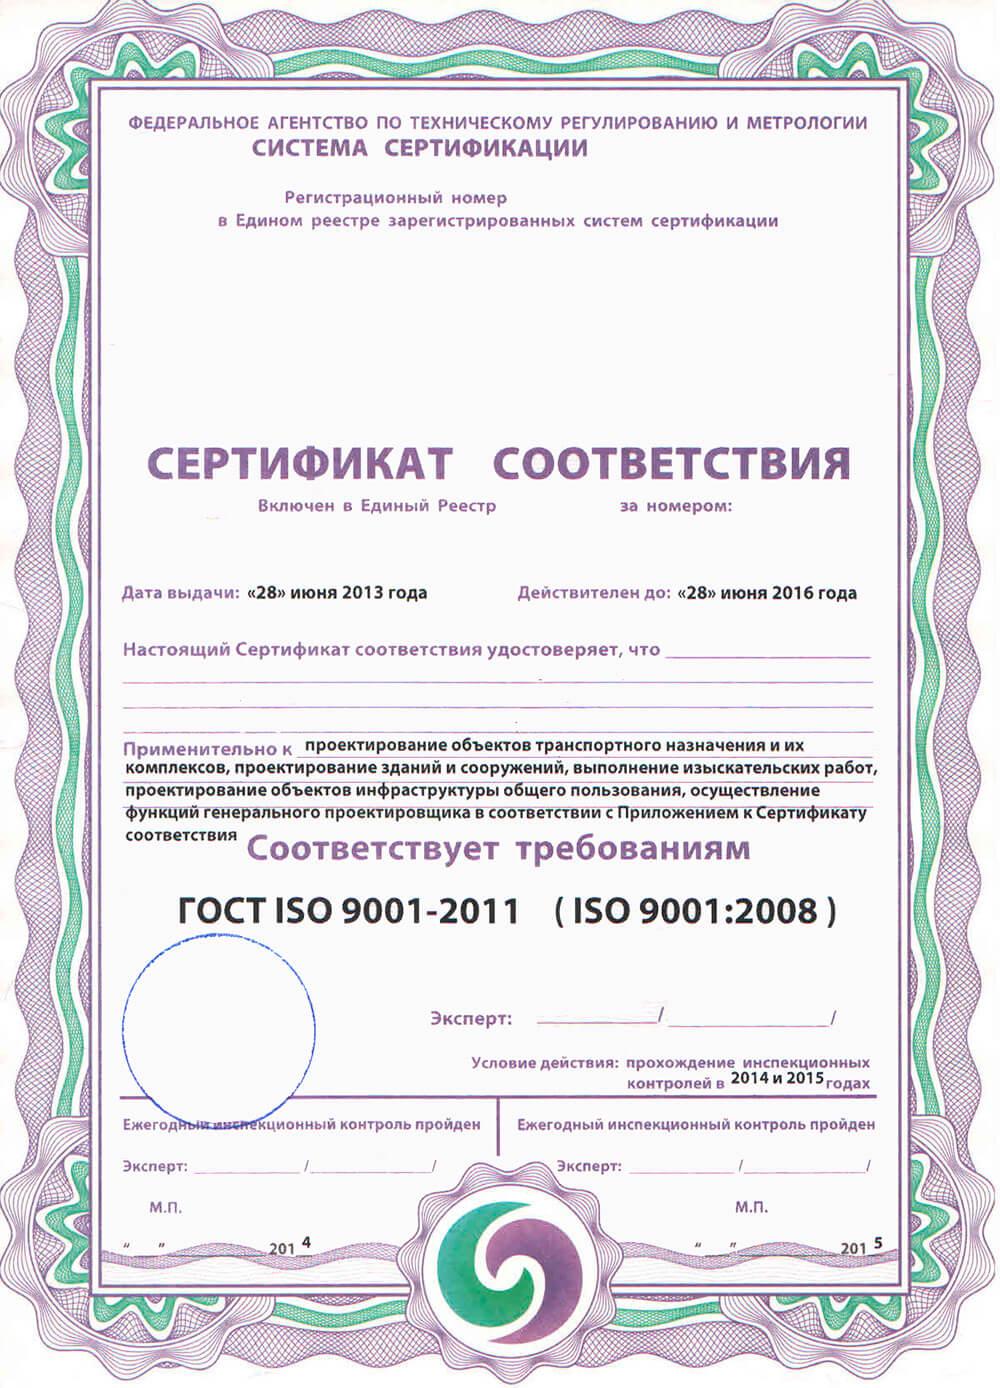 Так выглядит сертификат на систему менеджмента качества по ИСО. В разных аккредитованных центрах форма сертификата может незначительно отличаться.